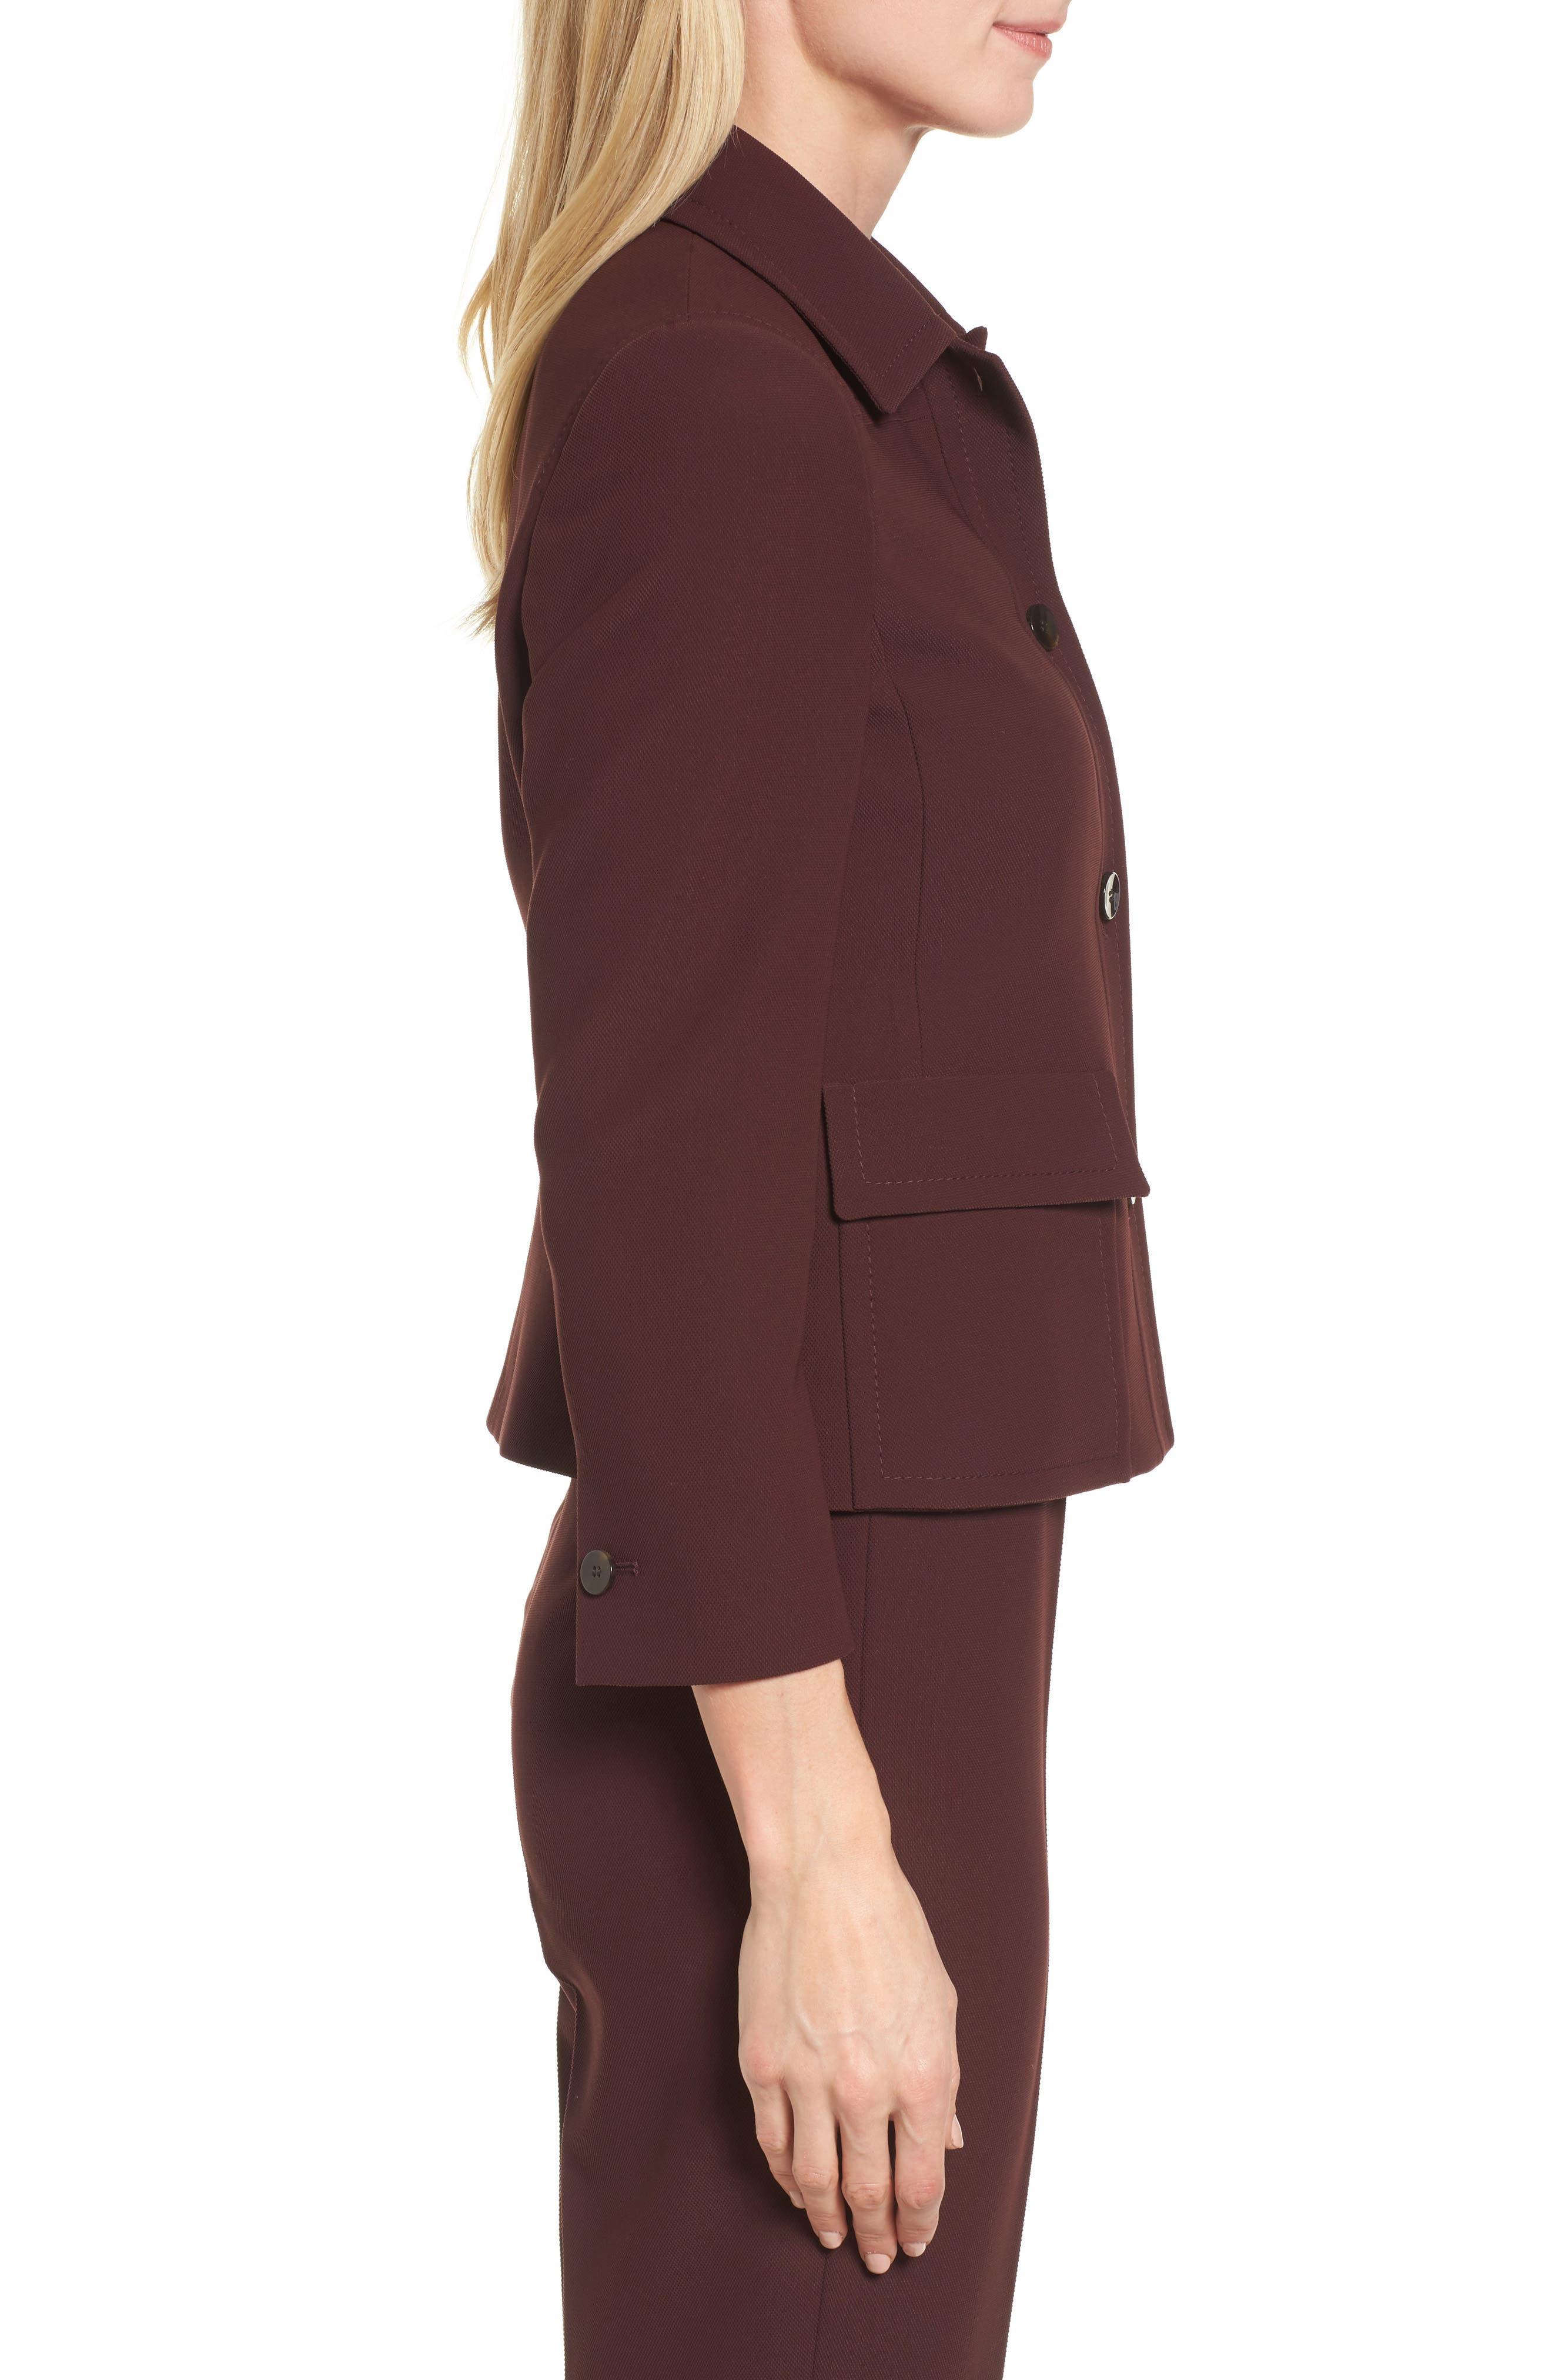 Juriona Suit Jacket,                             Alternate thumbnail 3, color,                             602